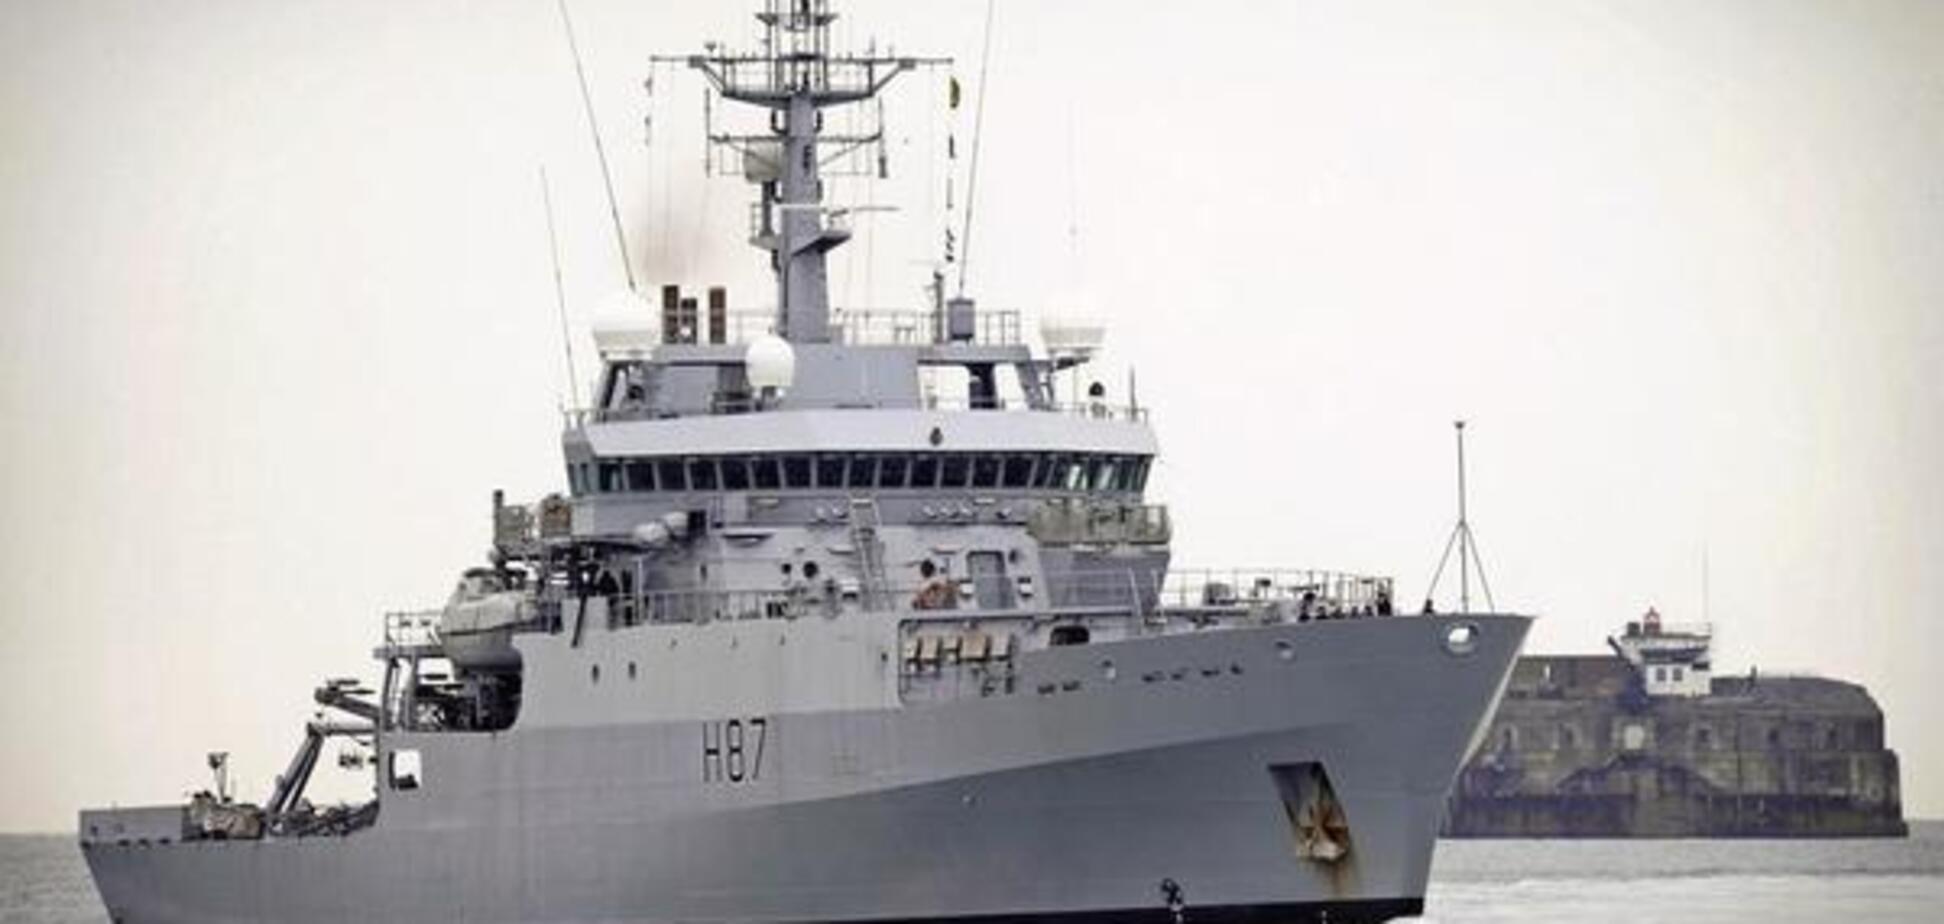 Впервые в Черном море: корабль НАТО прибыл на помощь в Украину. Первое фото